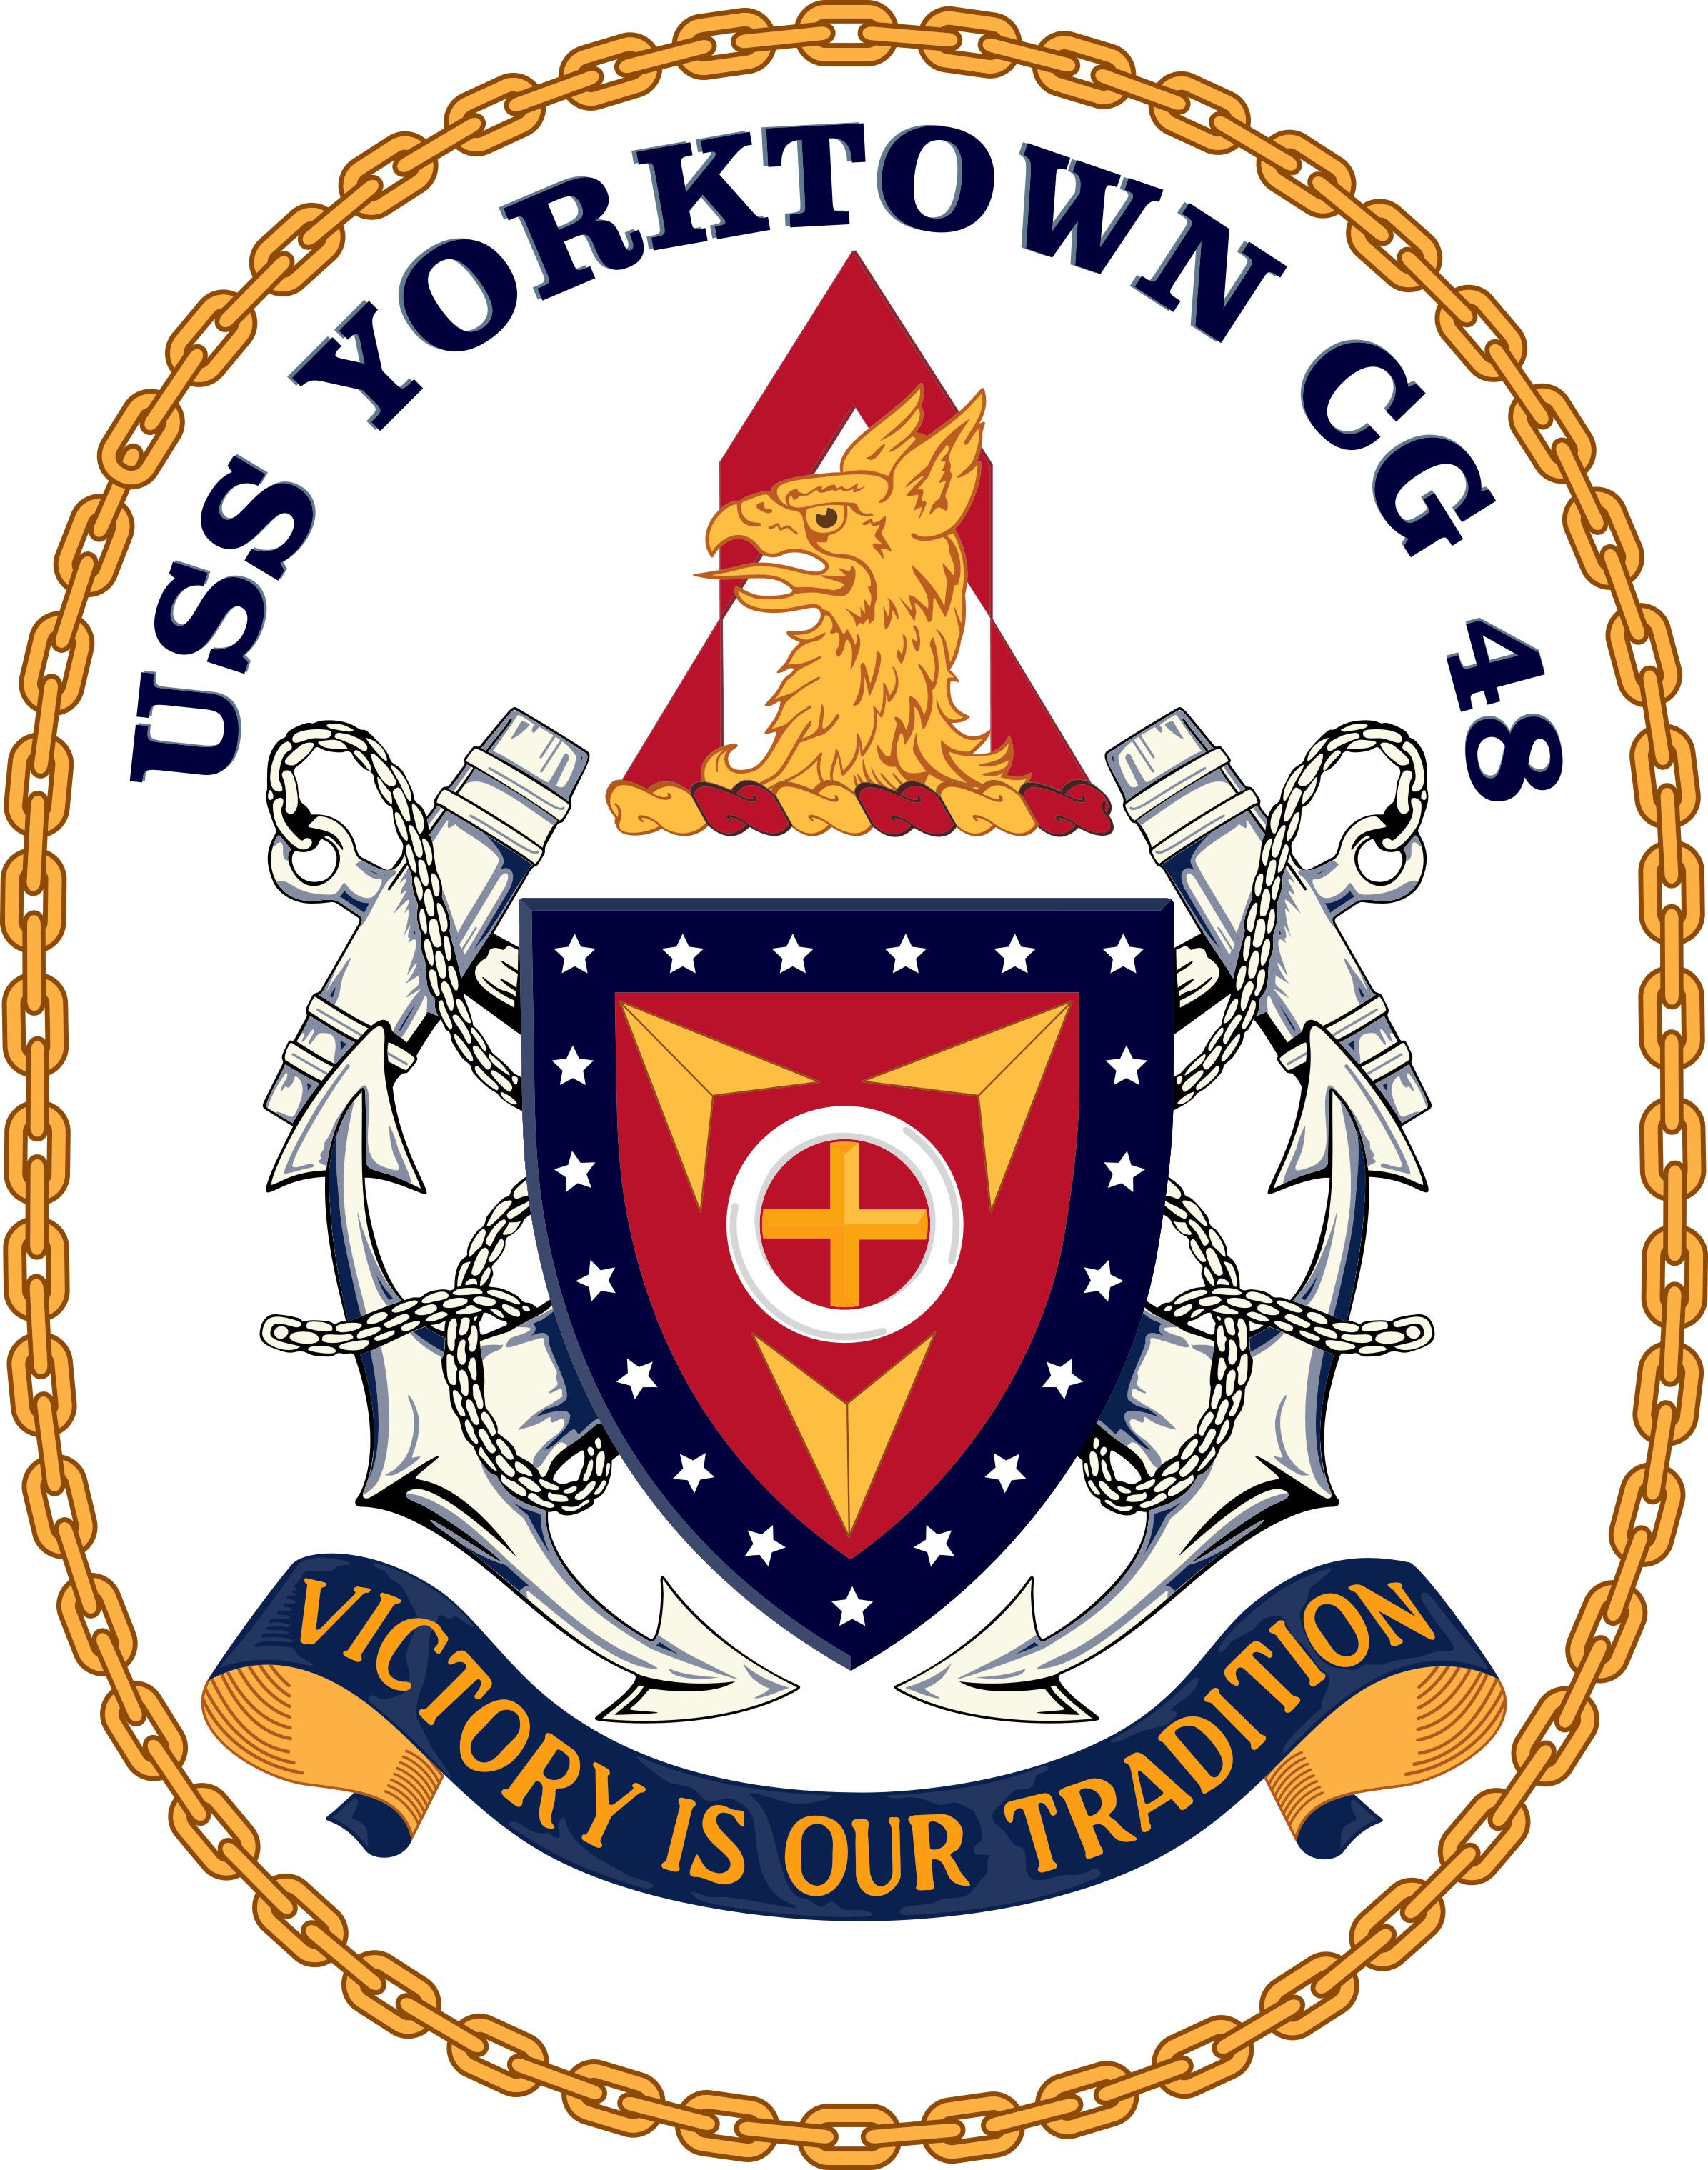 USS Yorktown CG-48 Crest